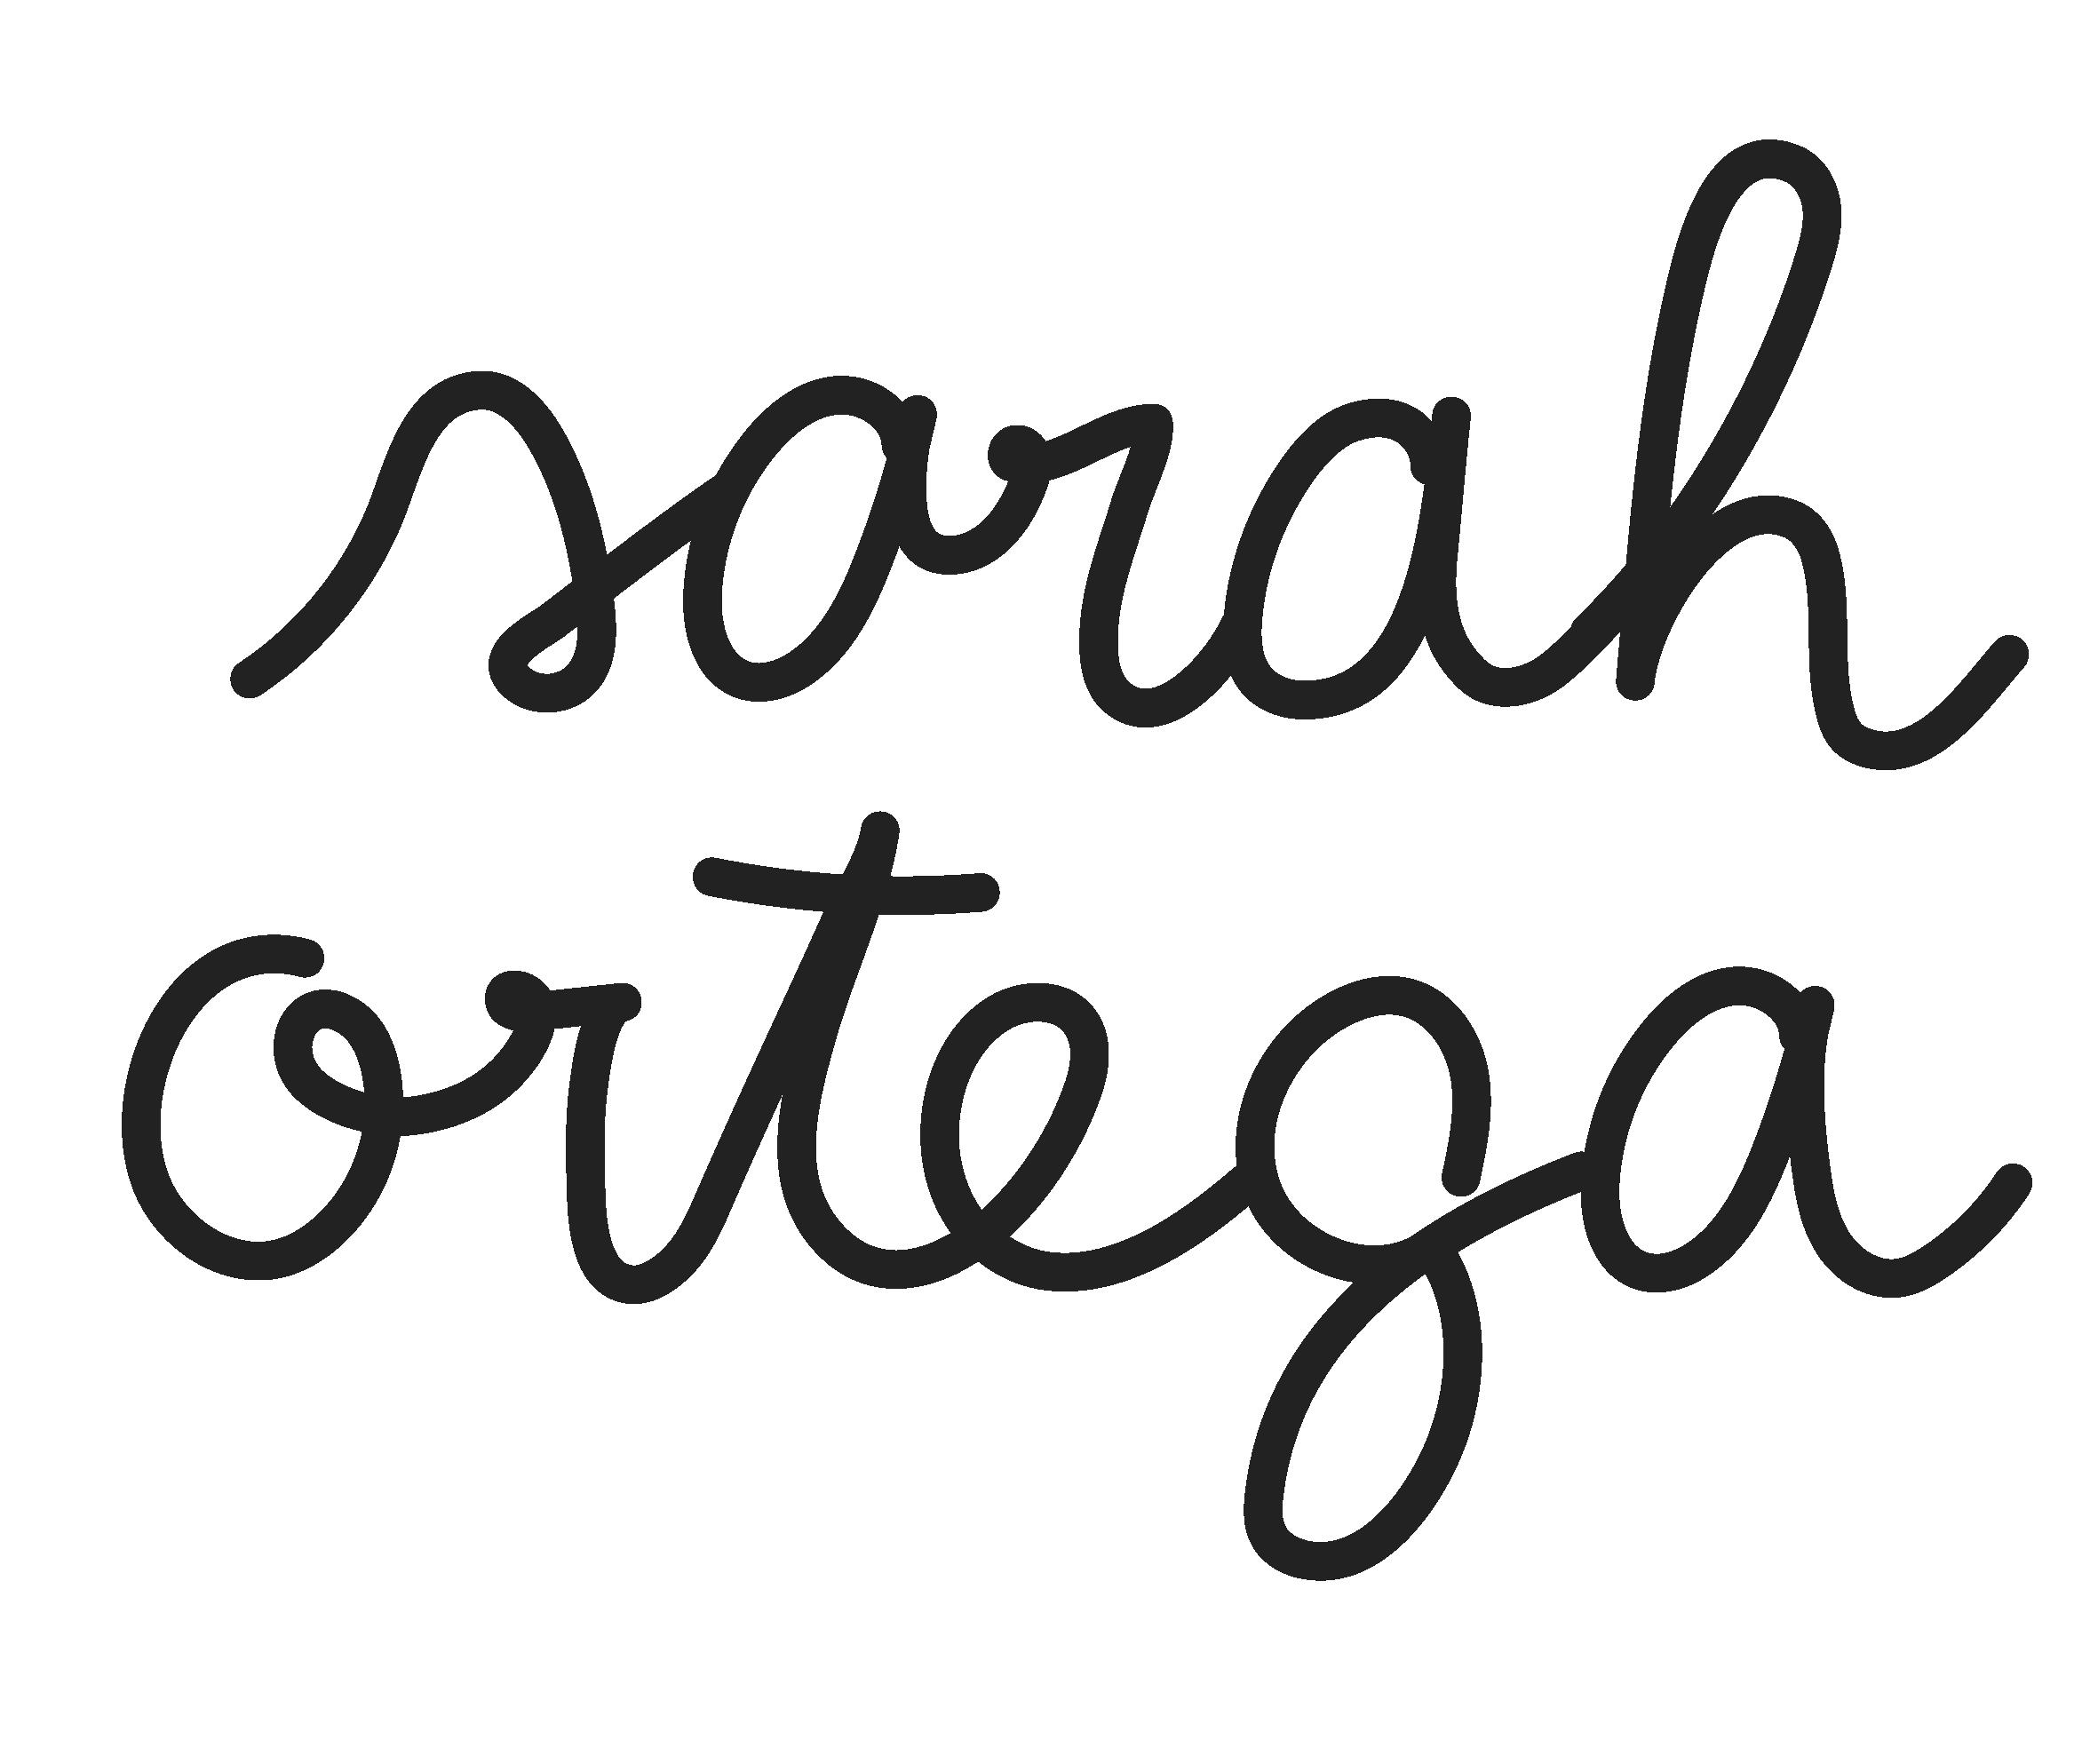 Sarah Ortega